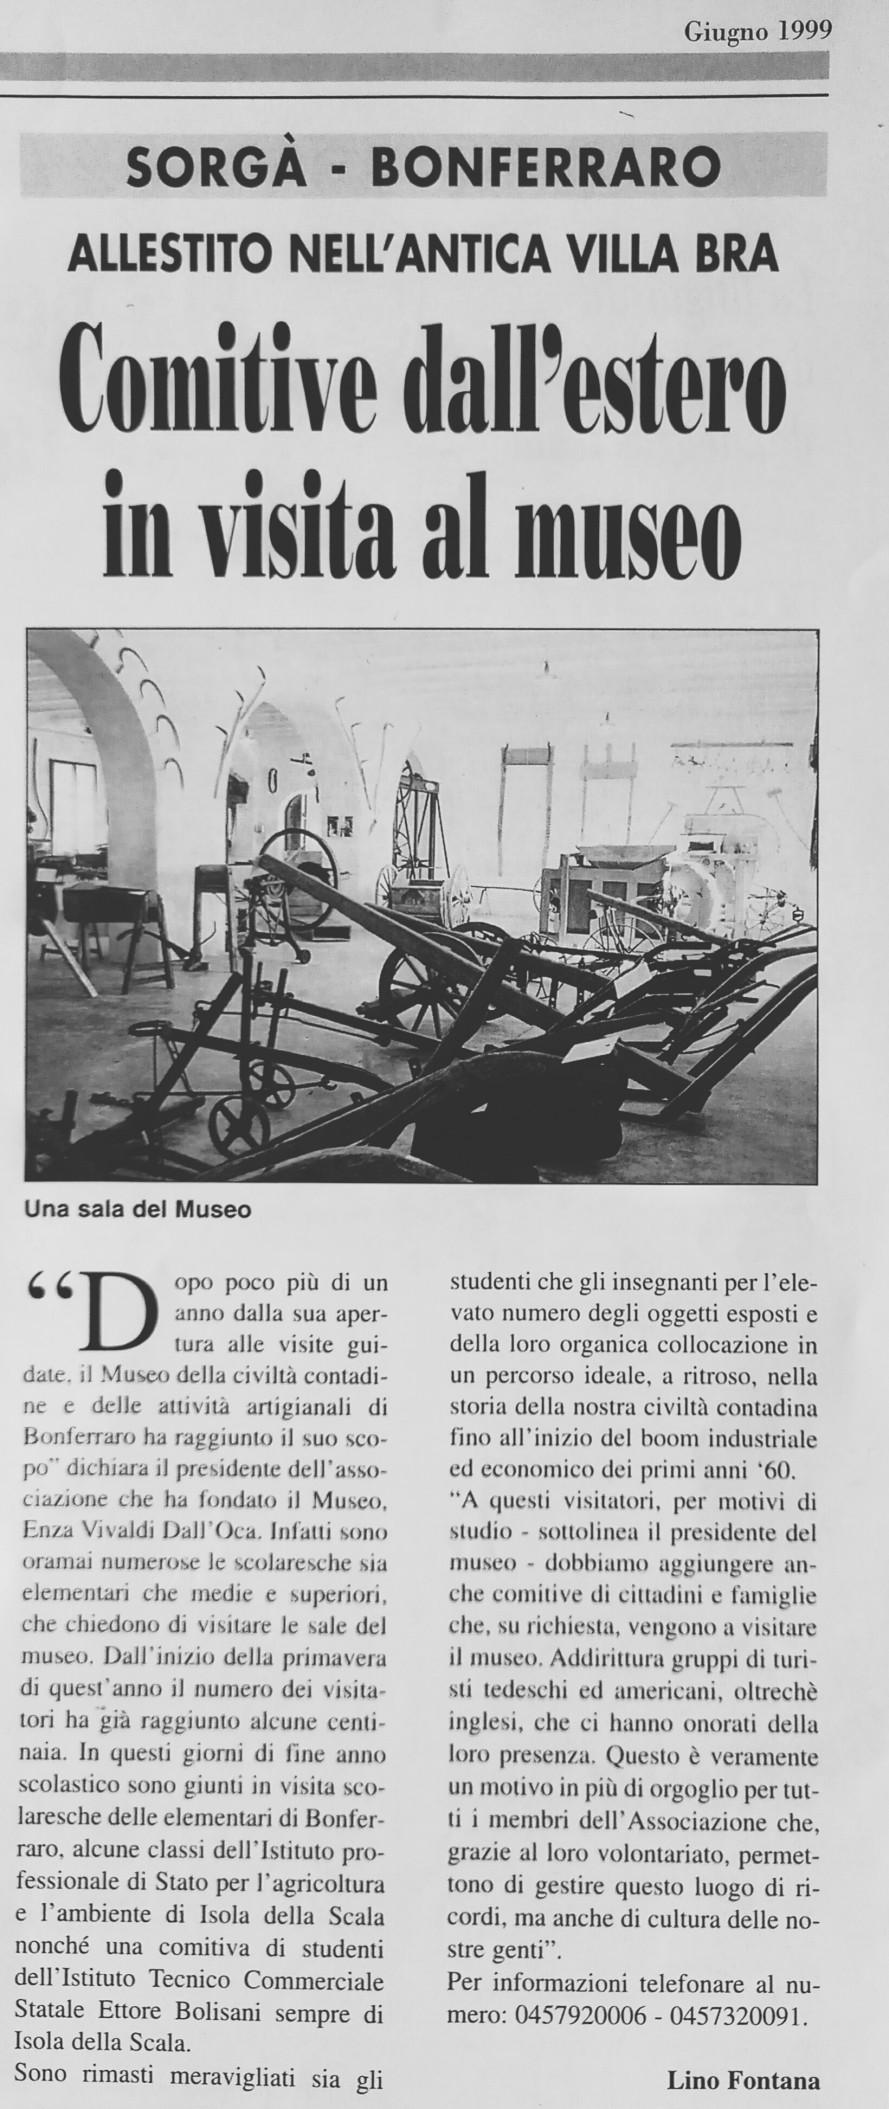 Giugno 1999 su l'Arena, l'articolo